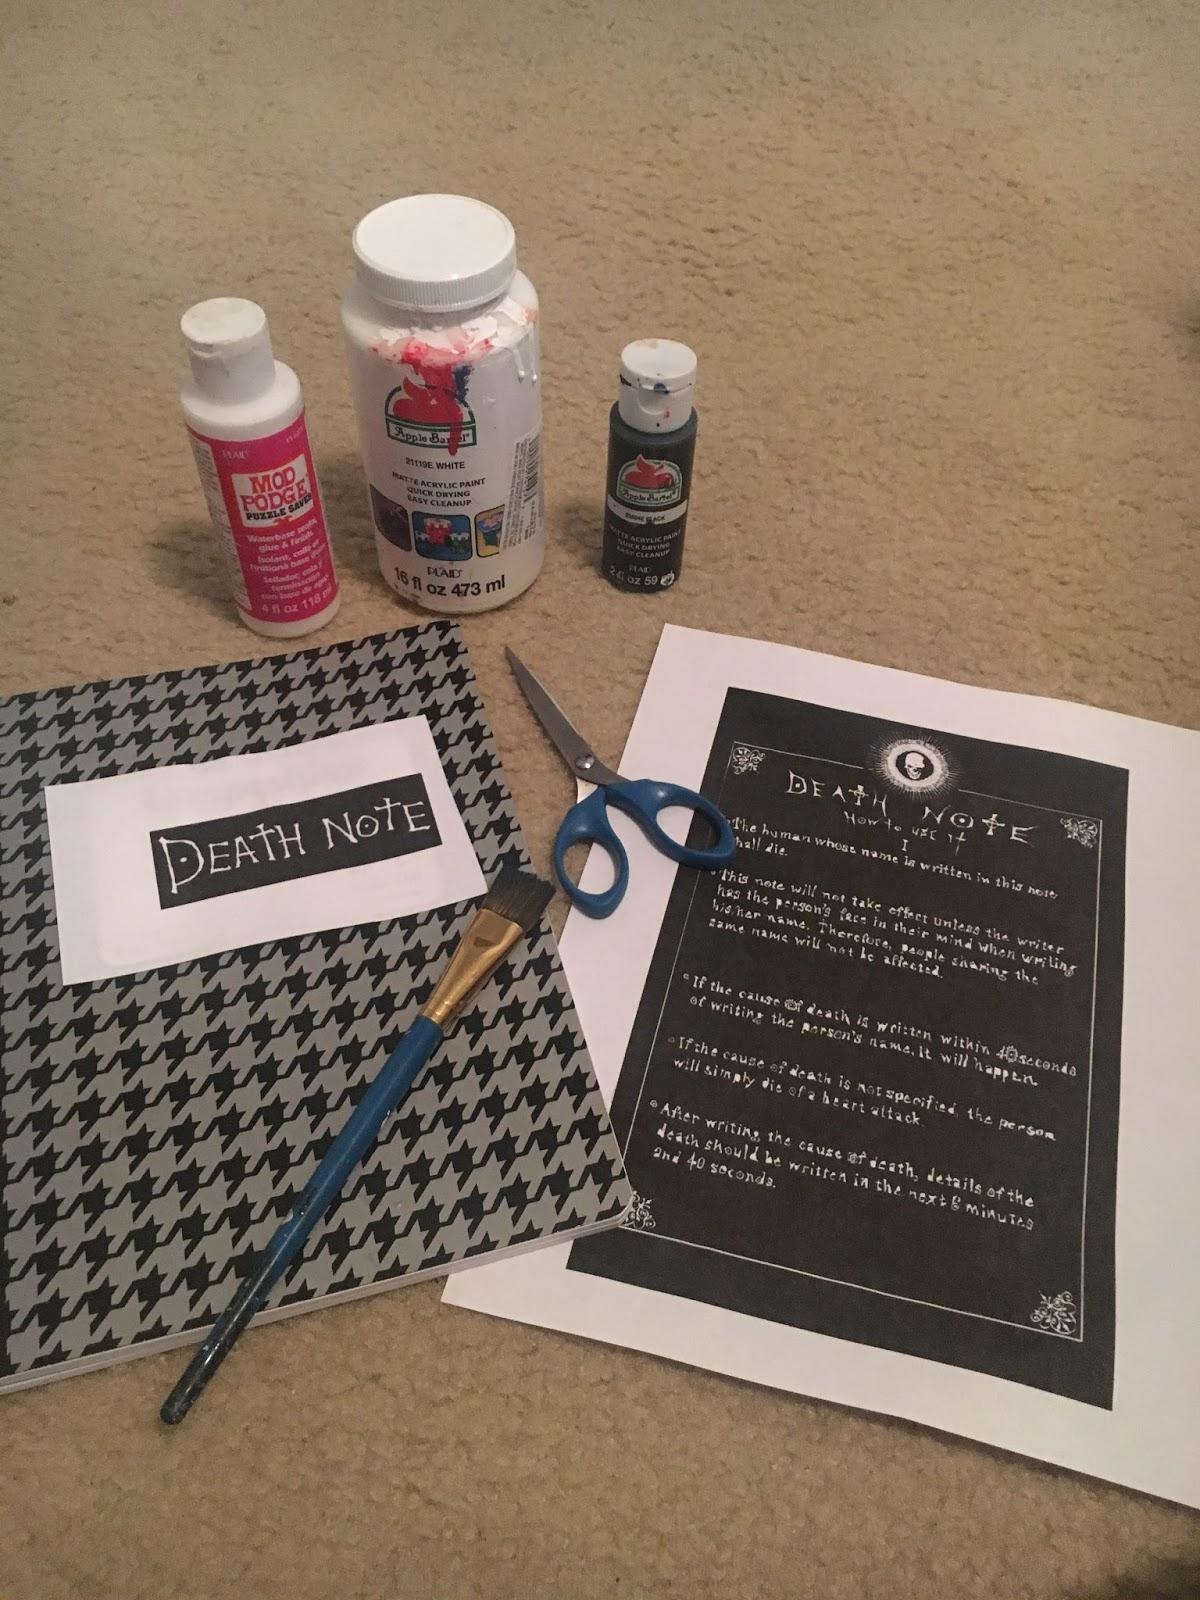 domokeudesu\'s wonderland: DIY: Death Note notebook + EXO Lotto ...